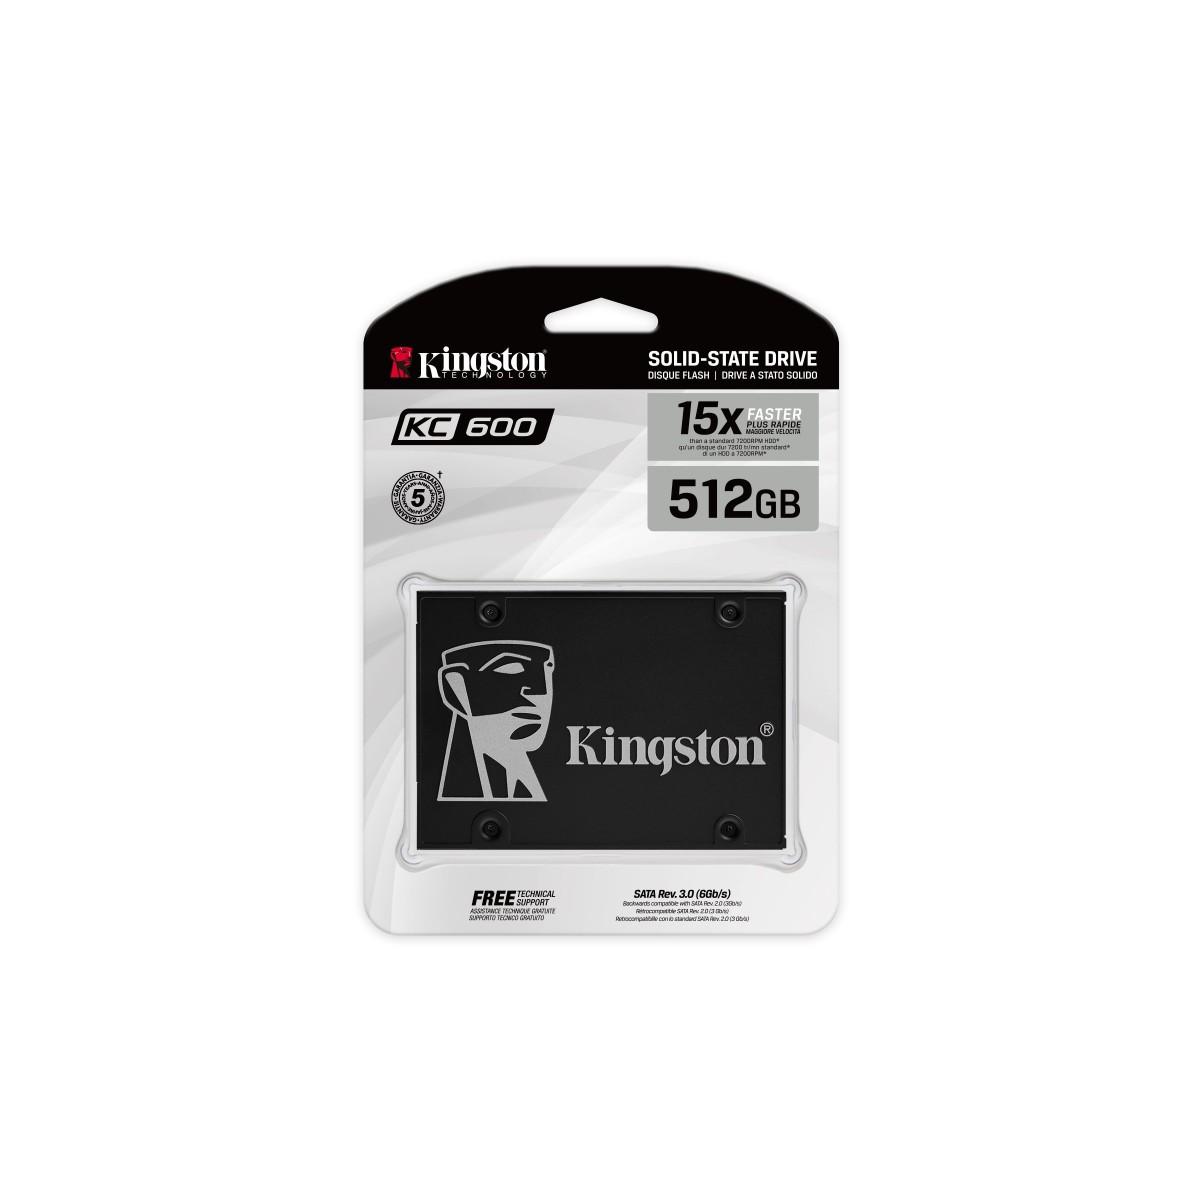 SSD Kingston KC600, 512GB, Sata, Leitura 550MB/s e Gravação 520MB/s, SKC600/512G